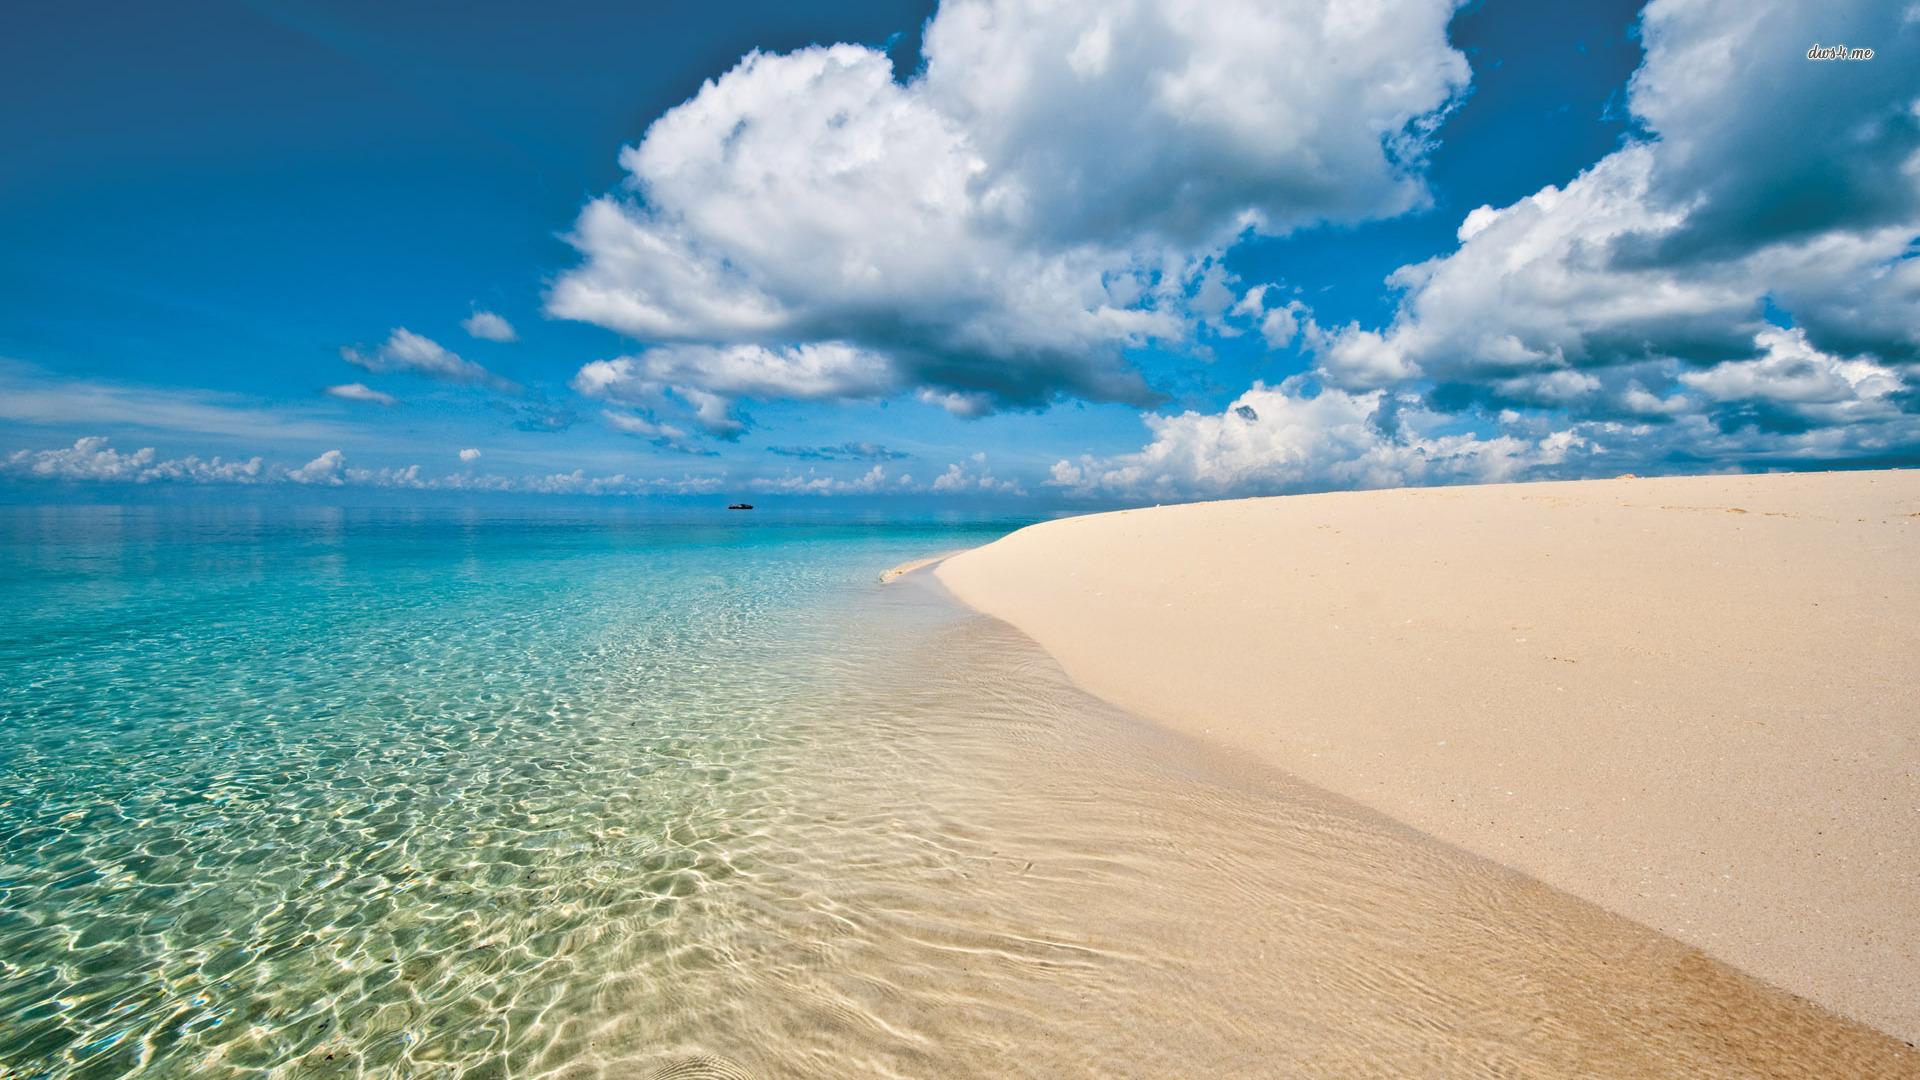 cuba beaches wallpaper free desktop 8 The Golden Scope 1920x1080